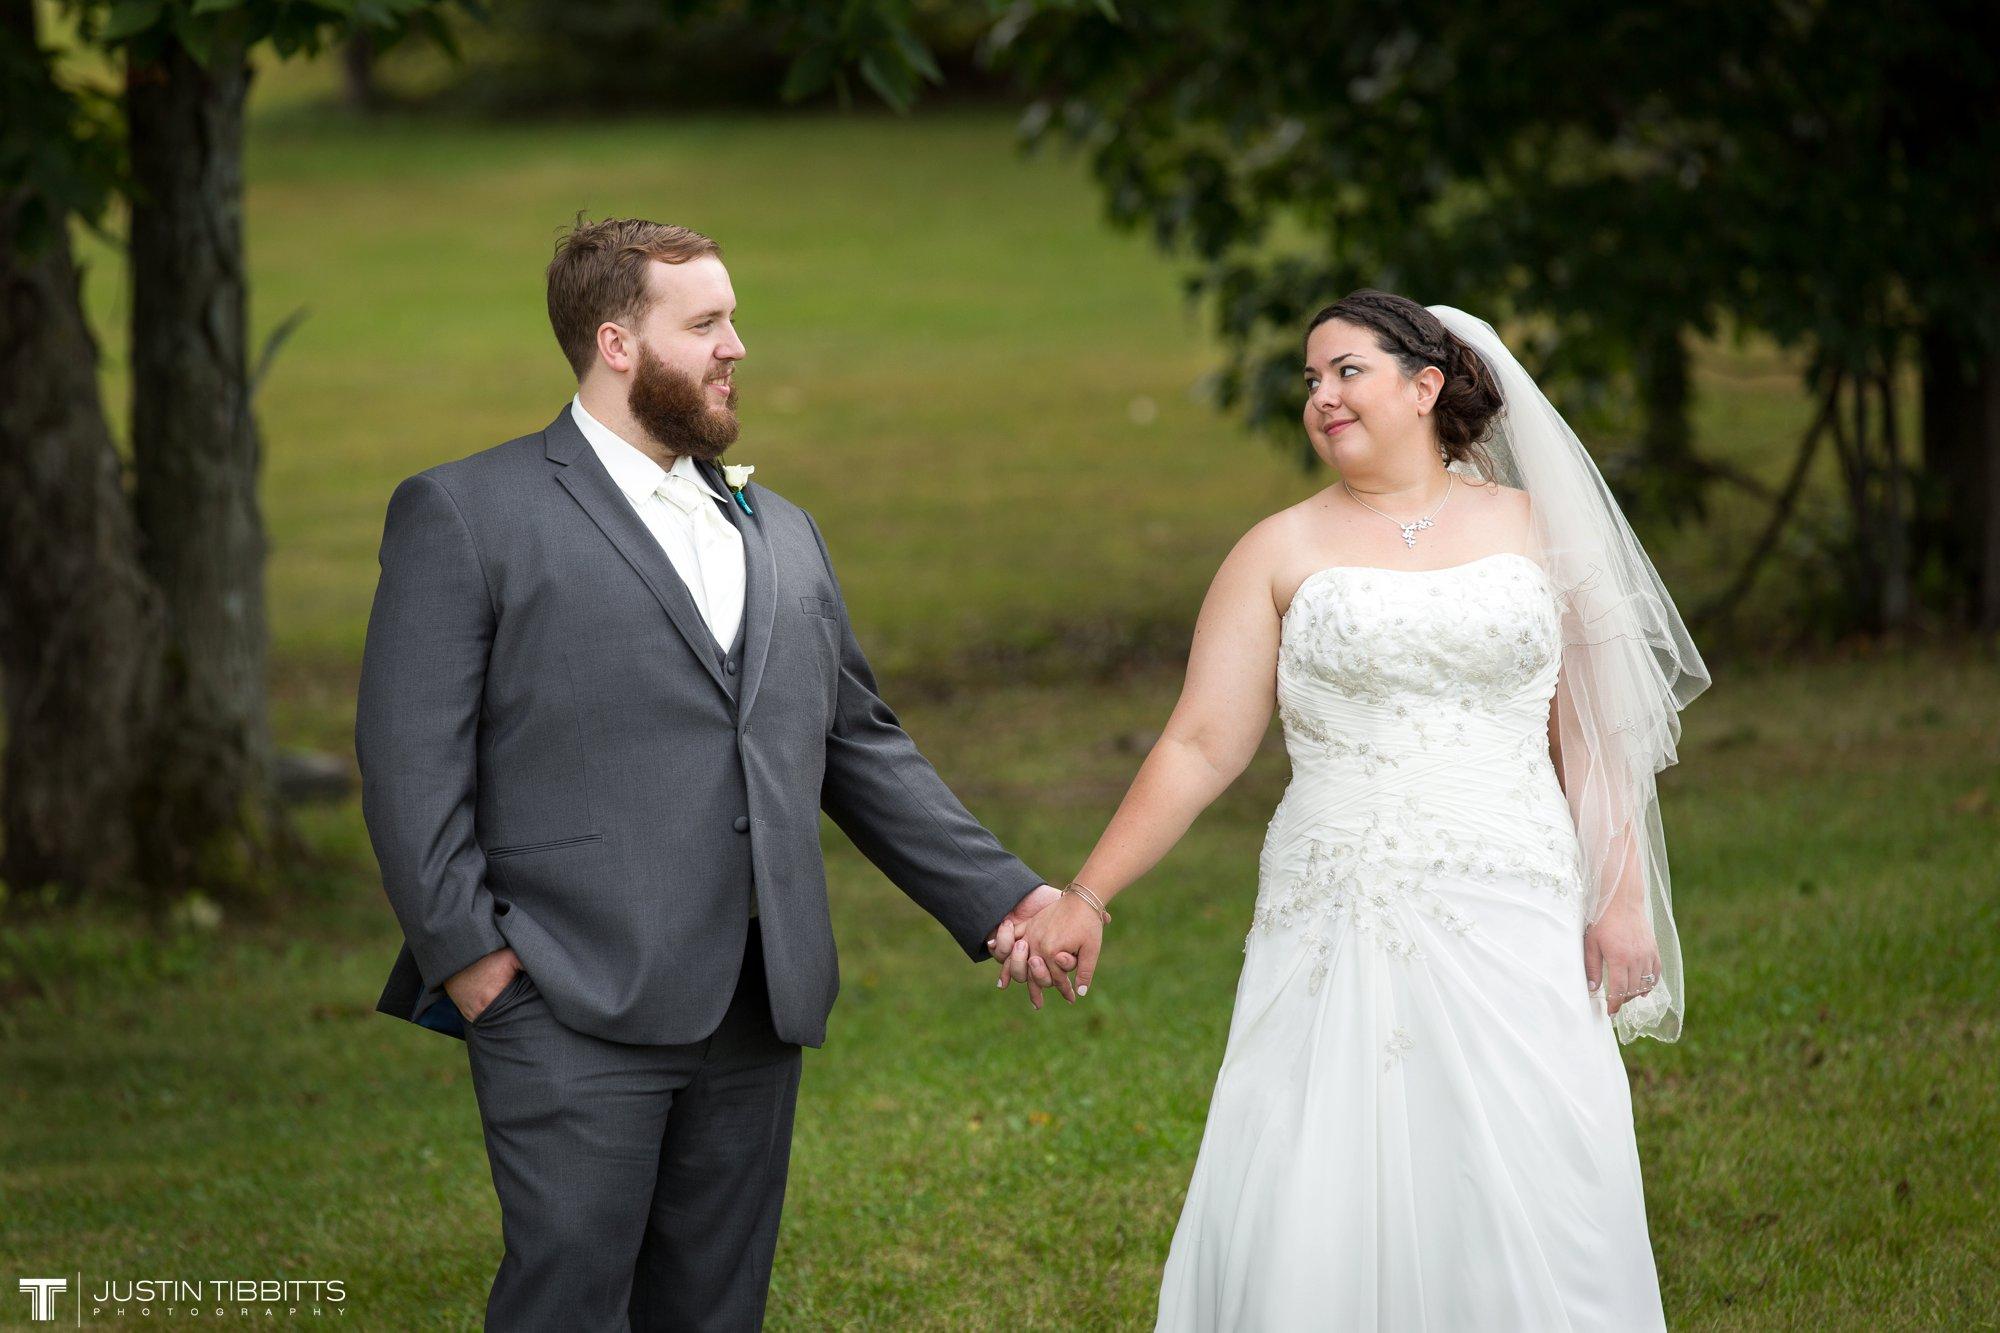 Albany NY Wedding Photographer Justin Tibbitts Photography 2014 Best of Albany NY Weddings-1459934